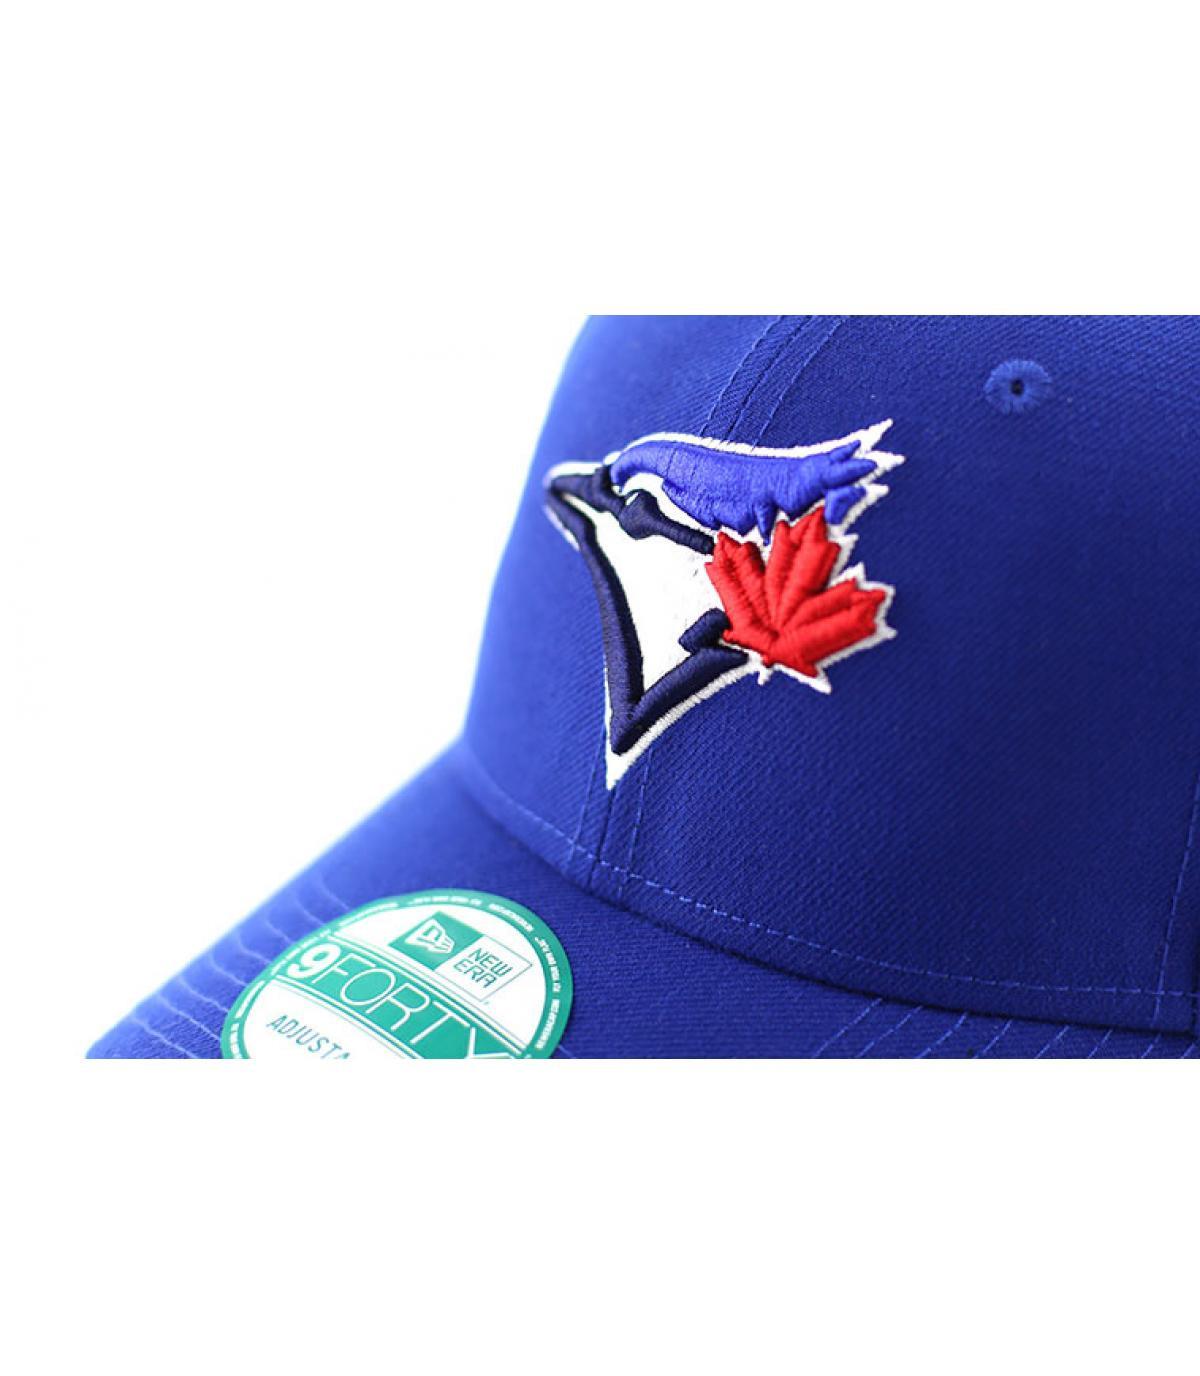 Détails Casquette Toronto league - image 3